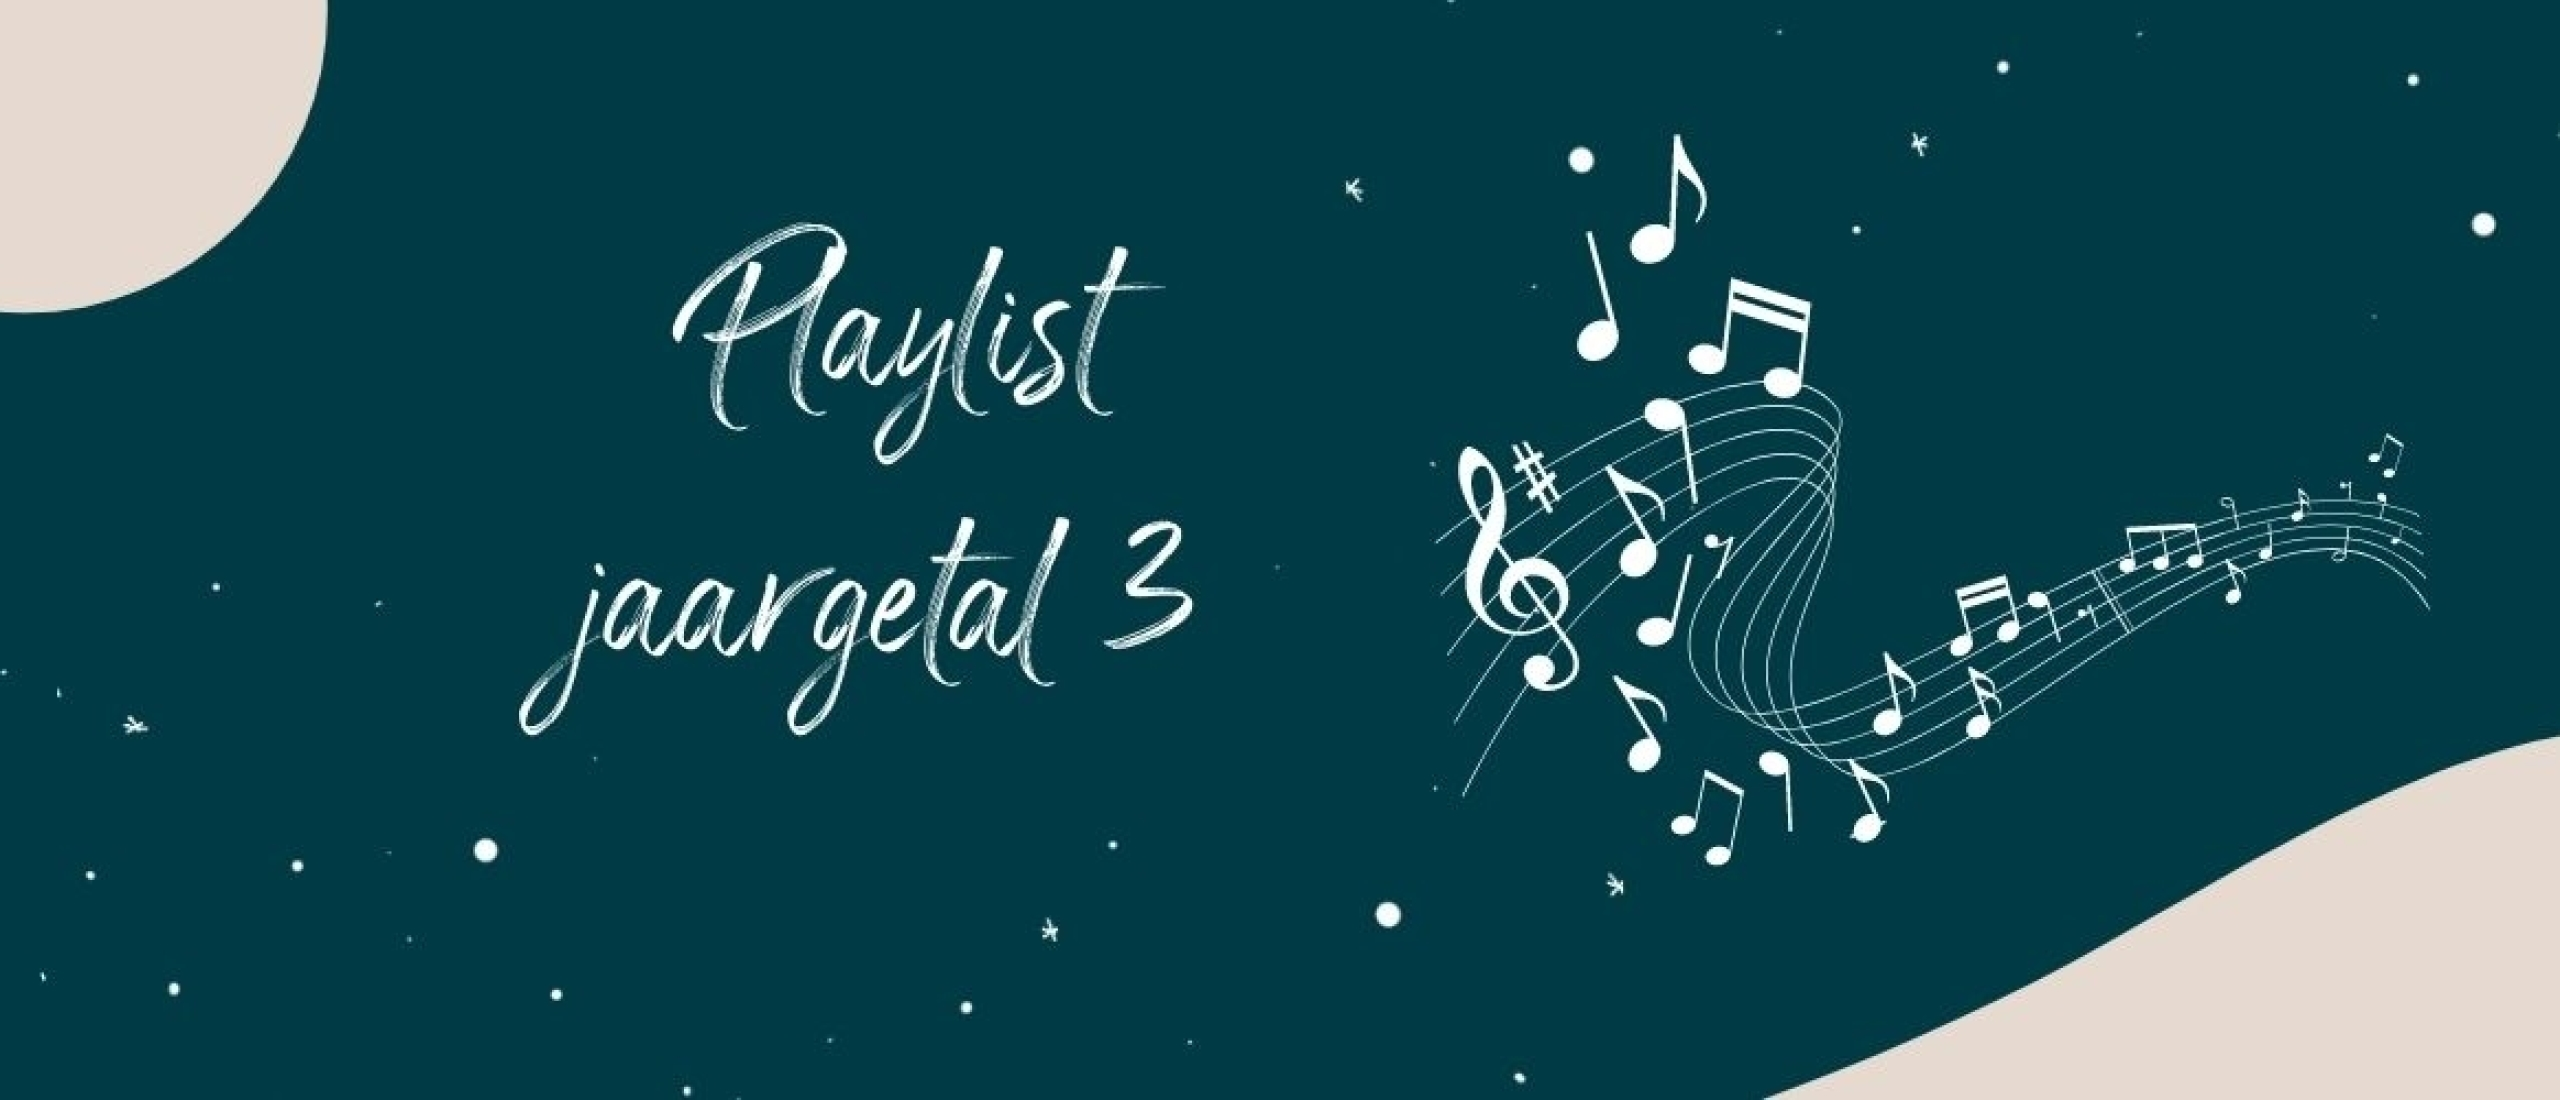 Playlist voor jaargetal 3